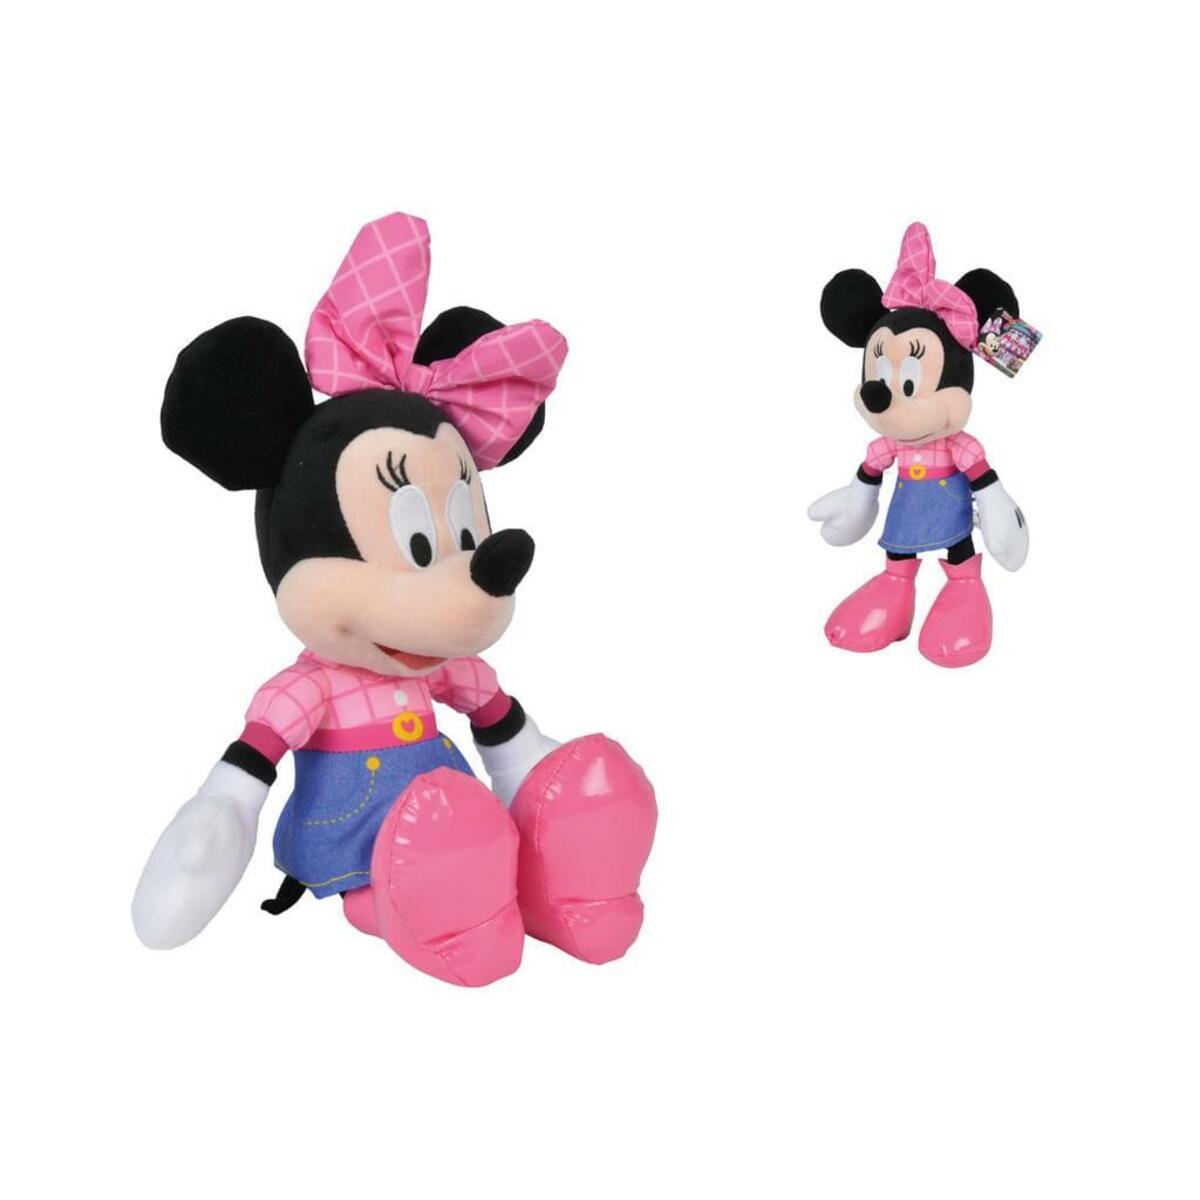 Bild 2 von Simba Disney, Happy Helpers, Minnie, 50cm Plüschfigur; 6315874744